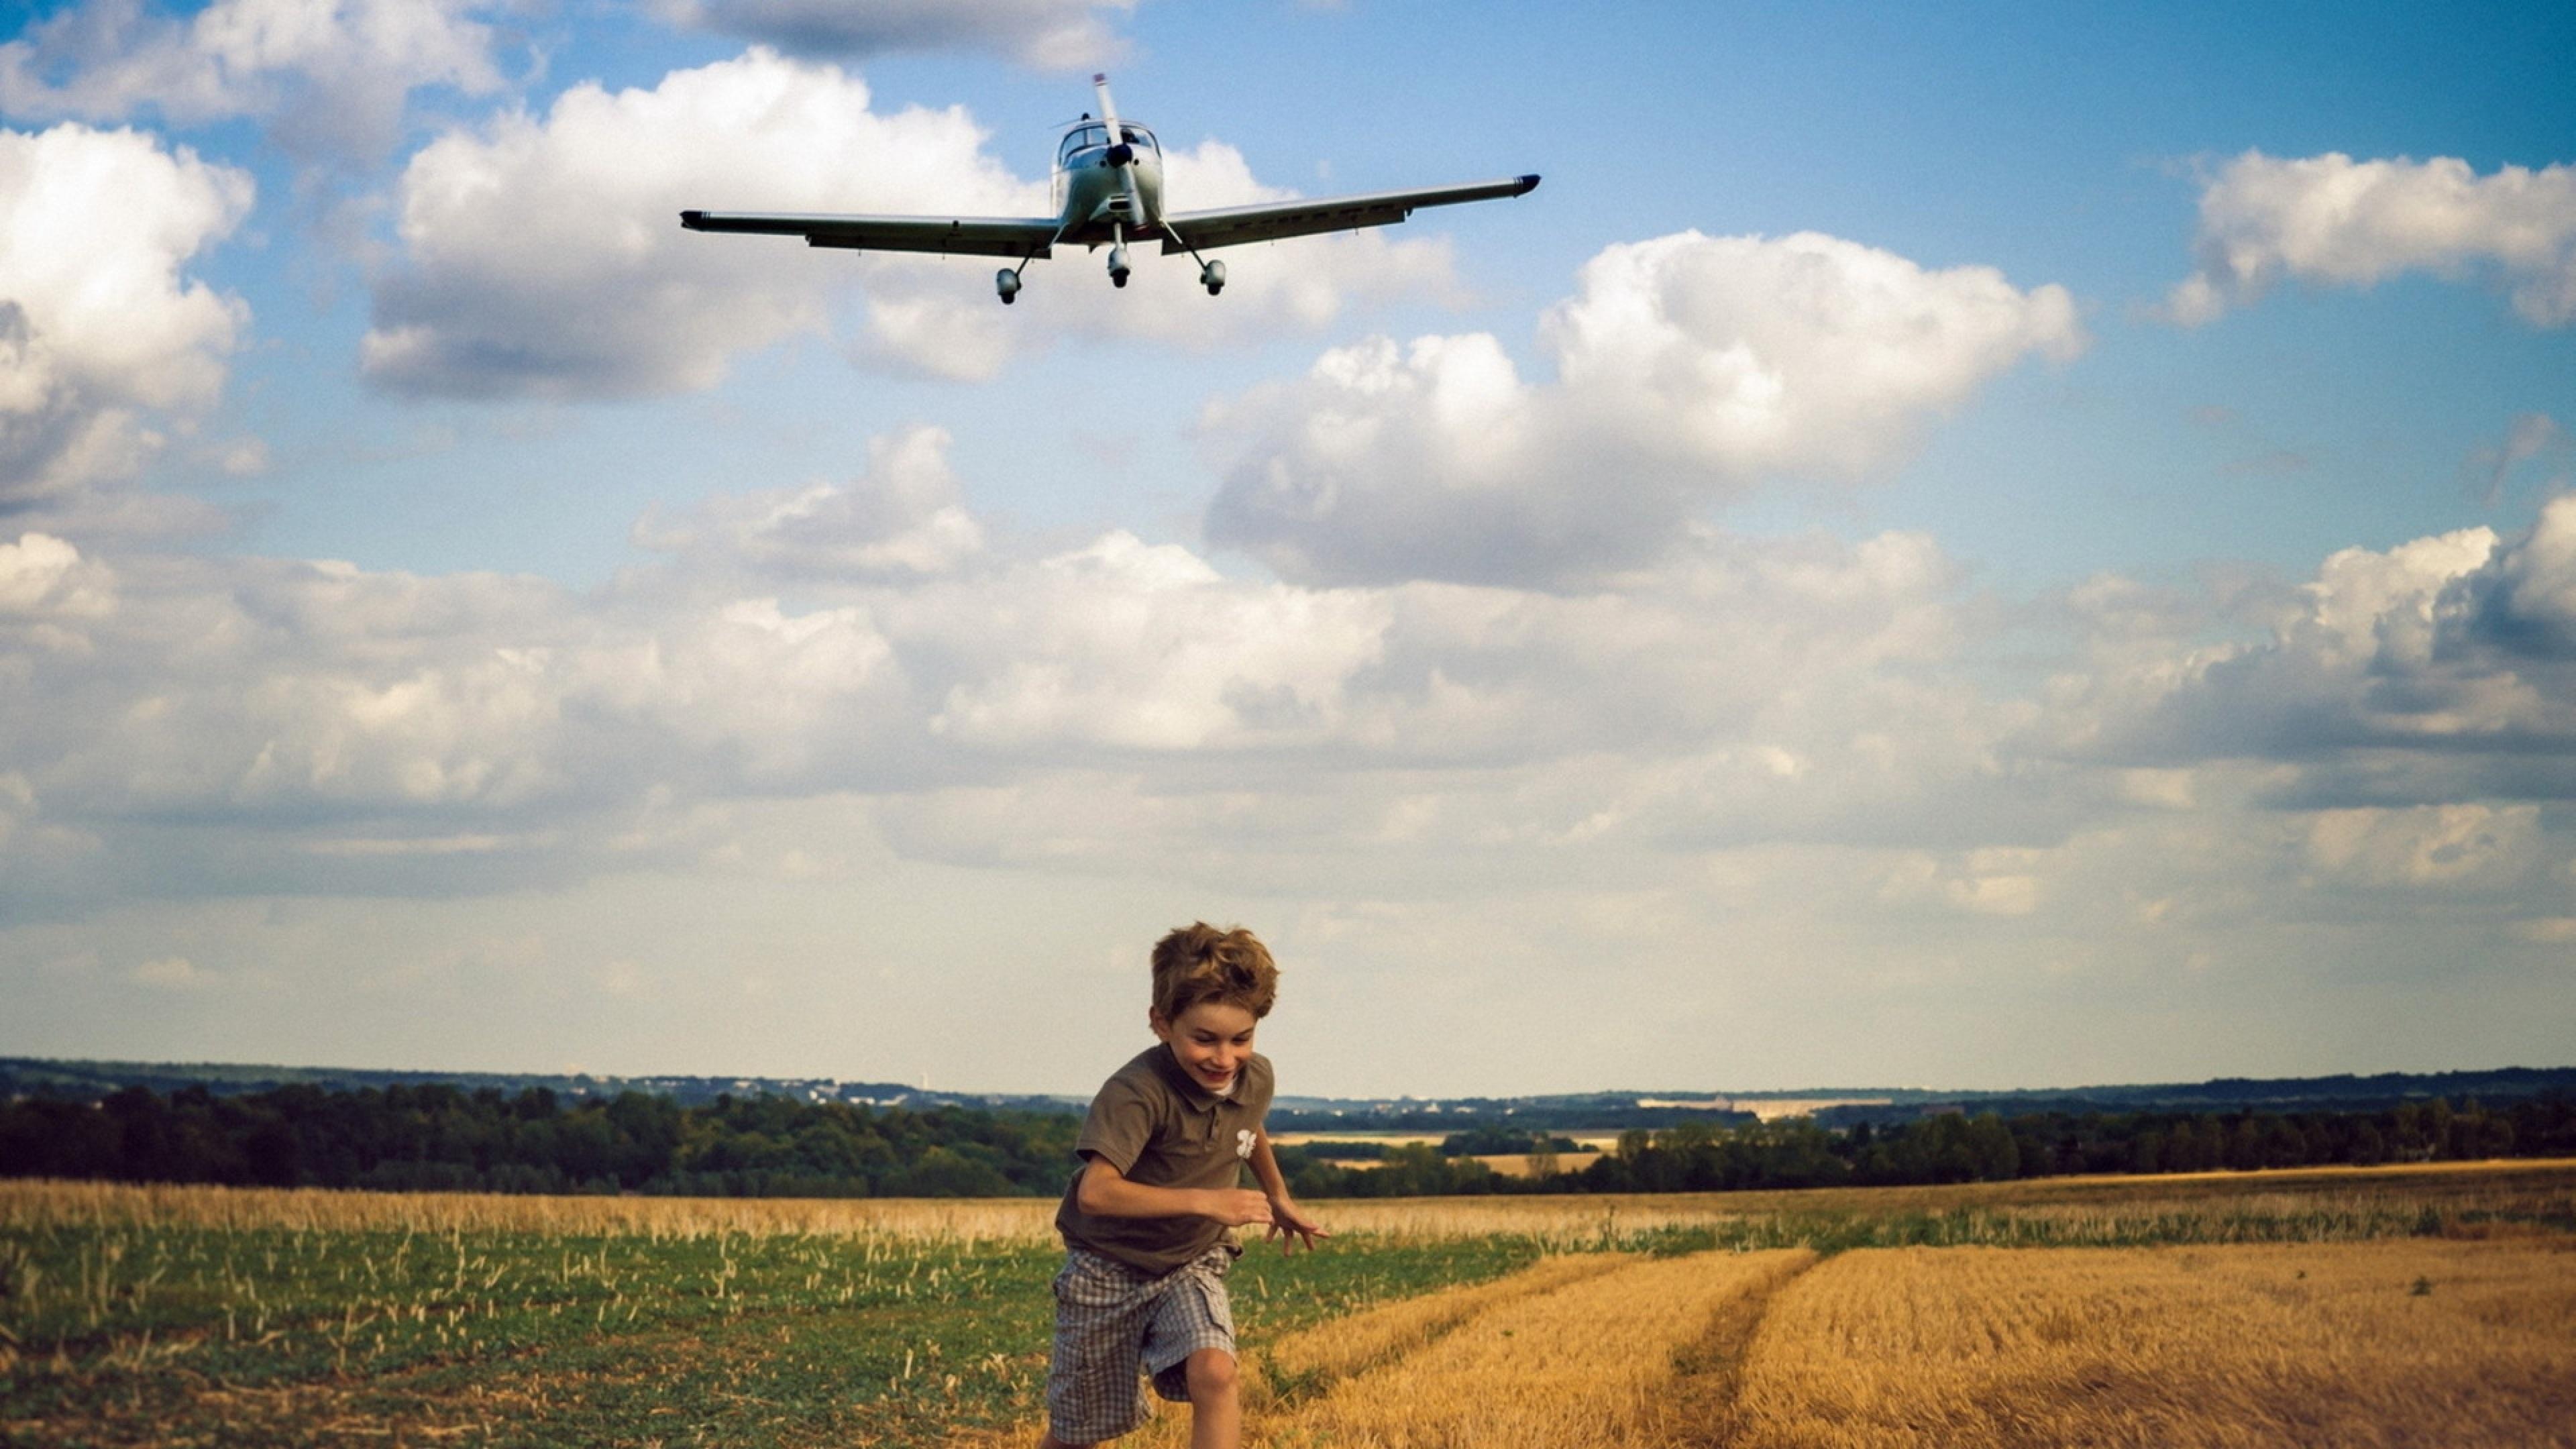 Модель самолетаjpg